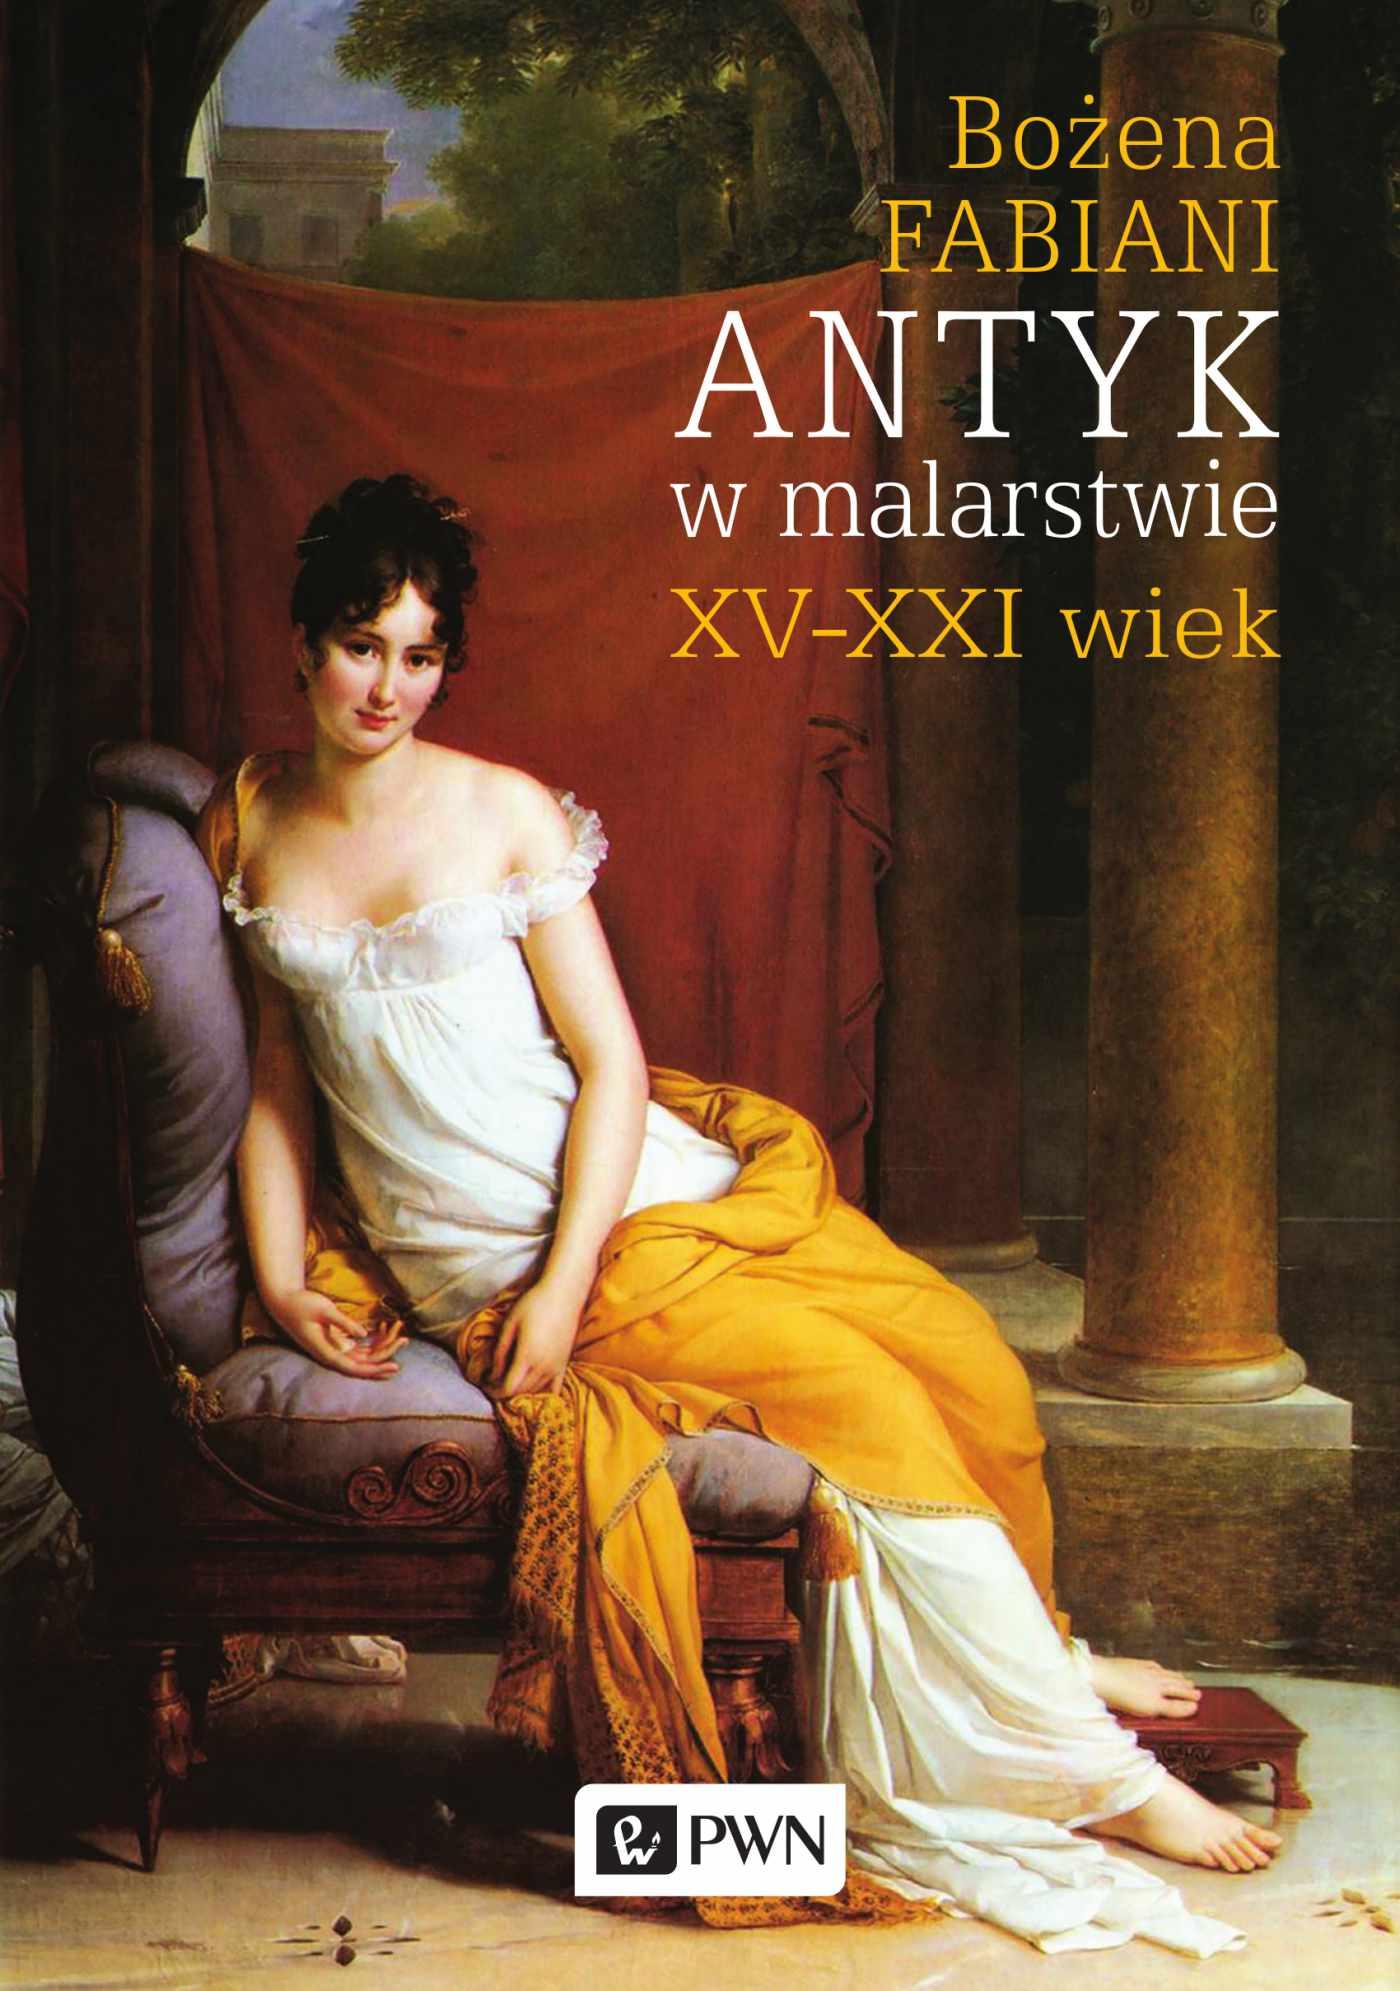 Antyk w malarstwie. XV-XXI wiek - Ebook (Książka EPUB) do pobrania w formacie EPUB